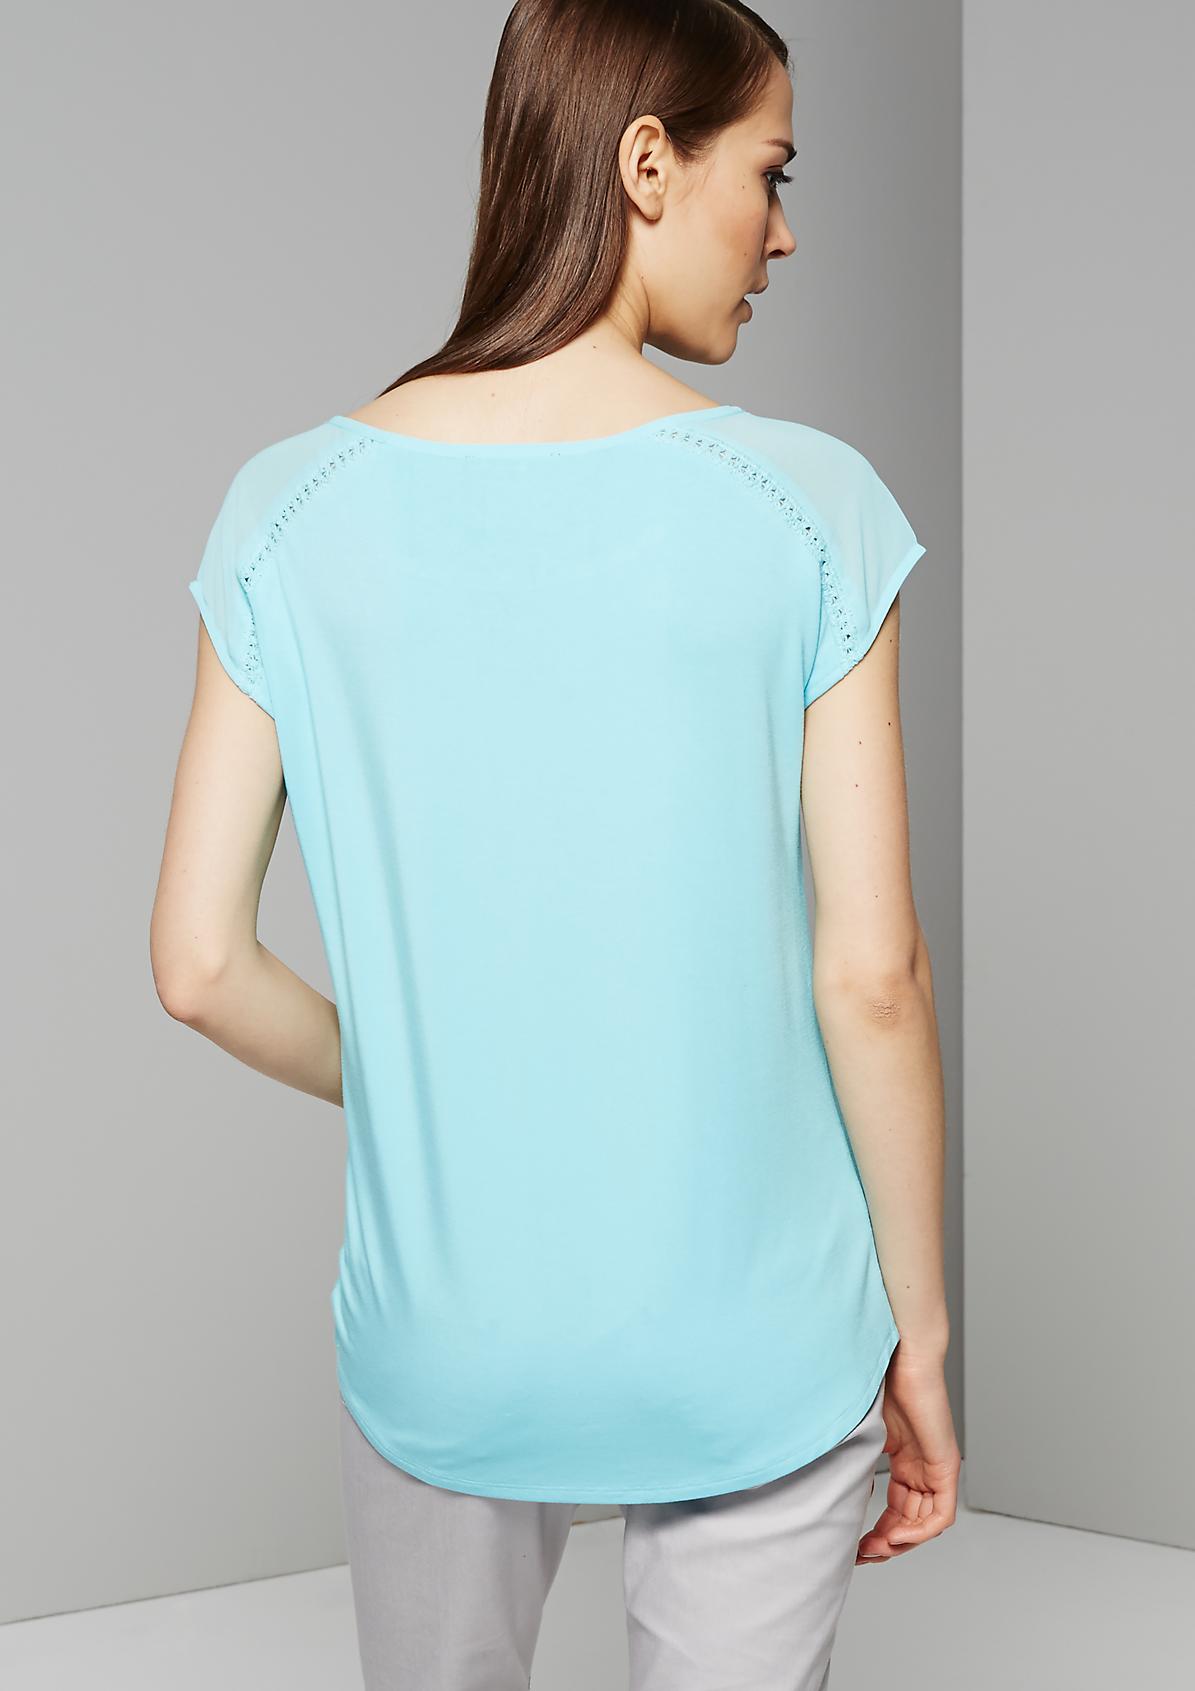 Sommerliches Kurzarmshirt mit raffinierten Details